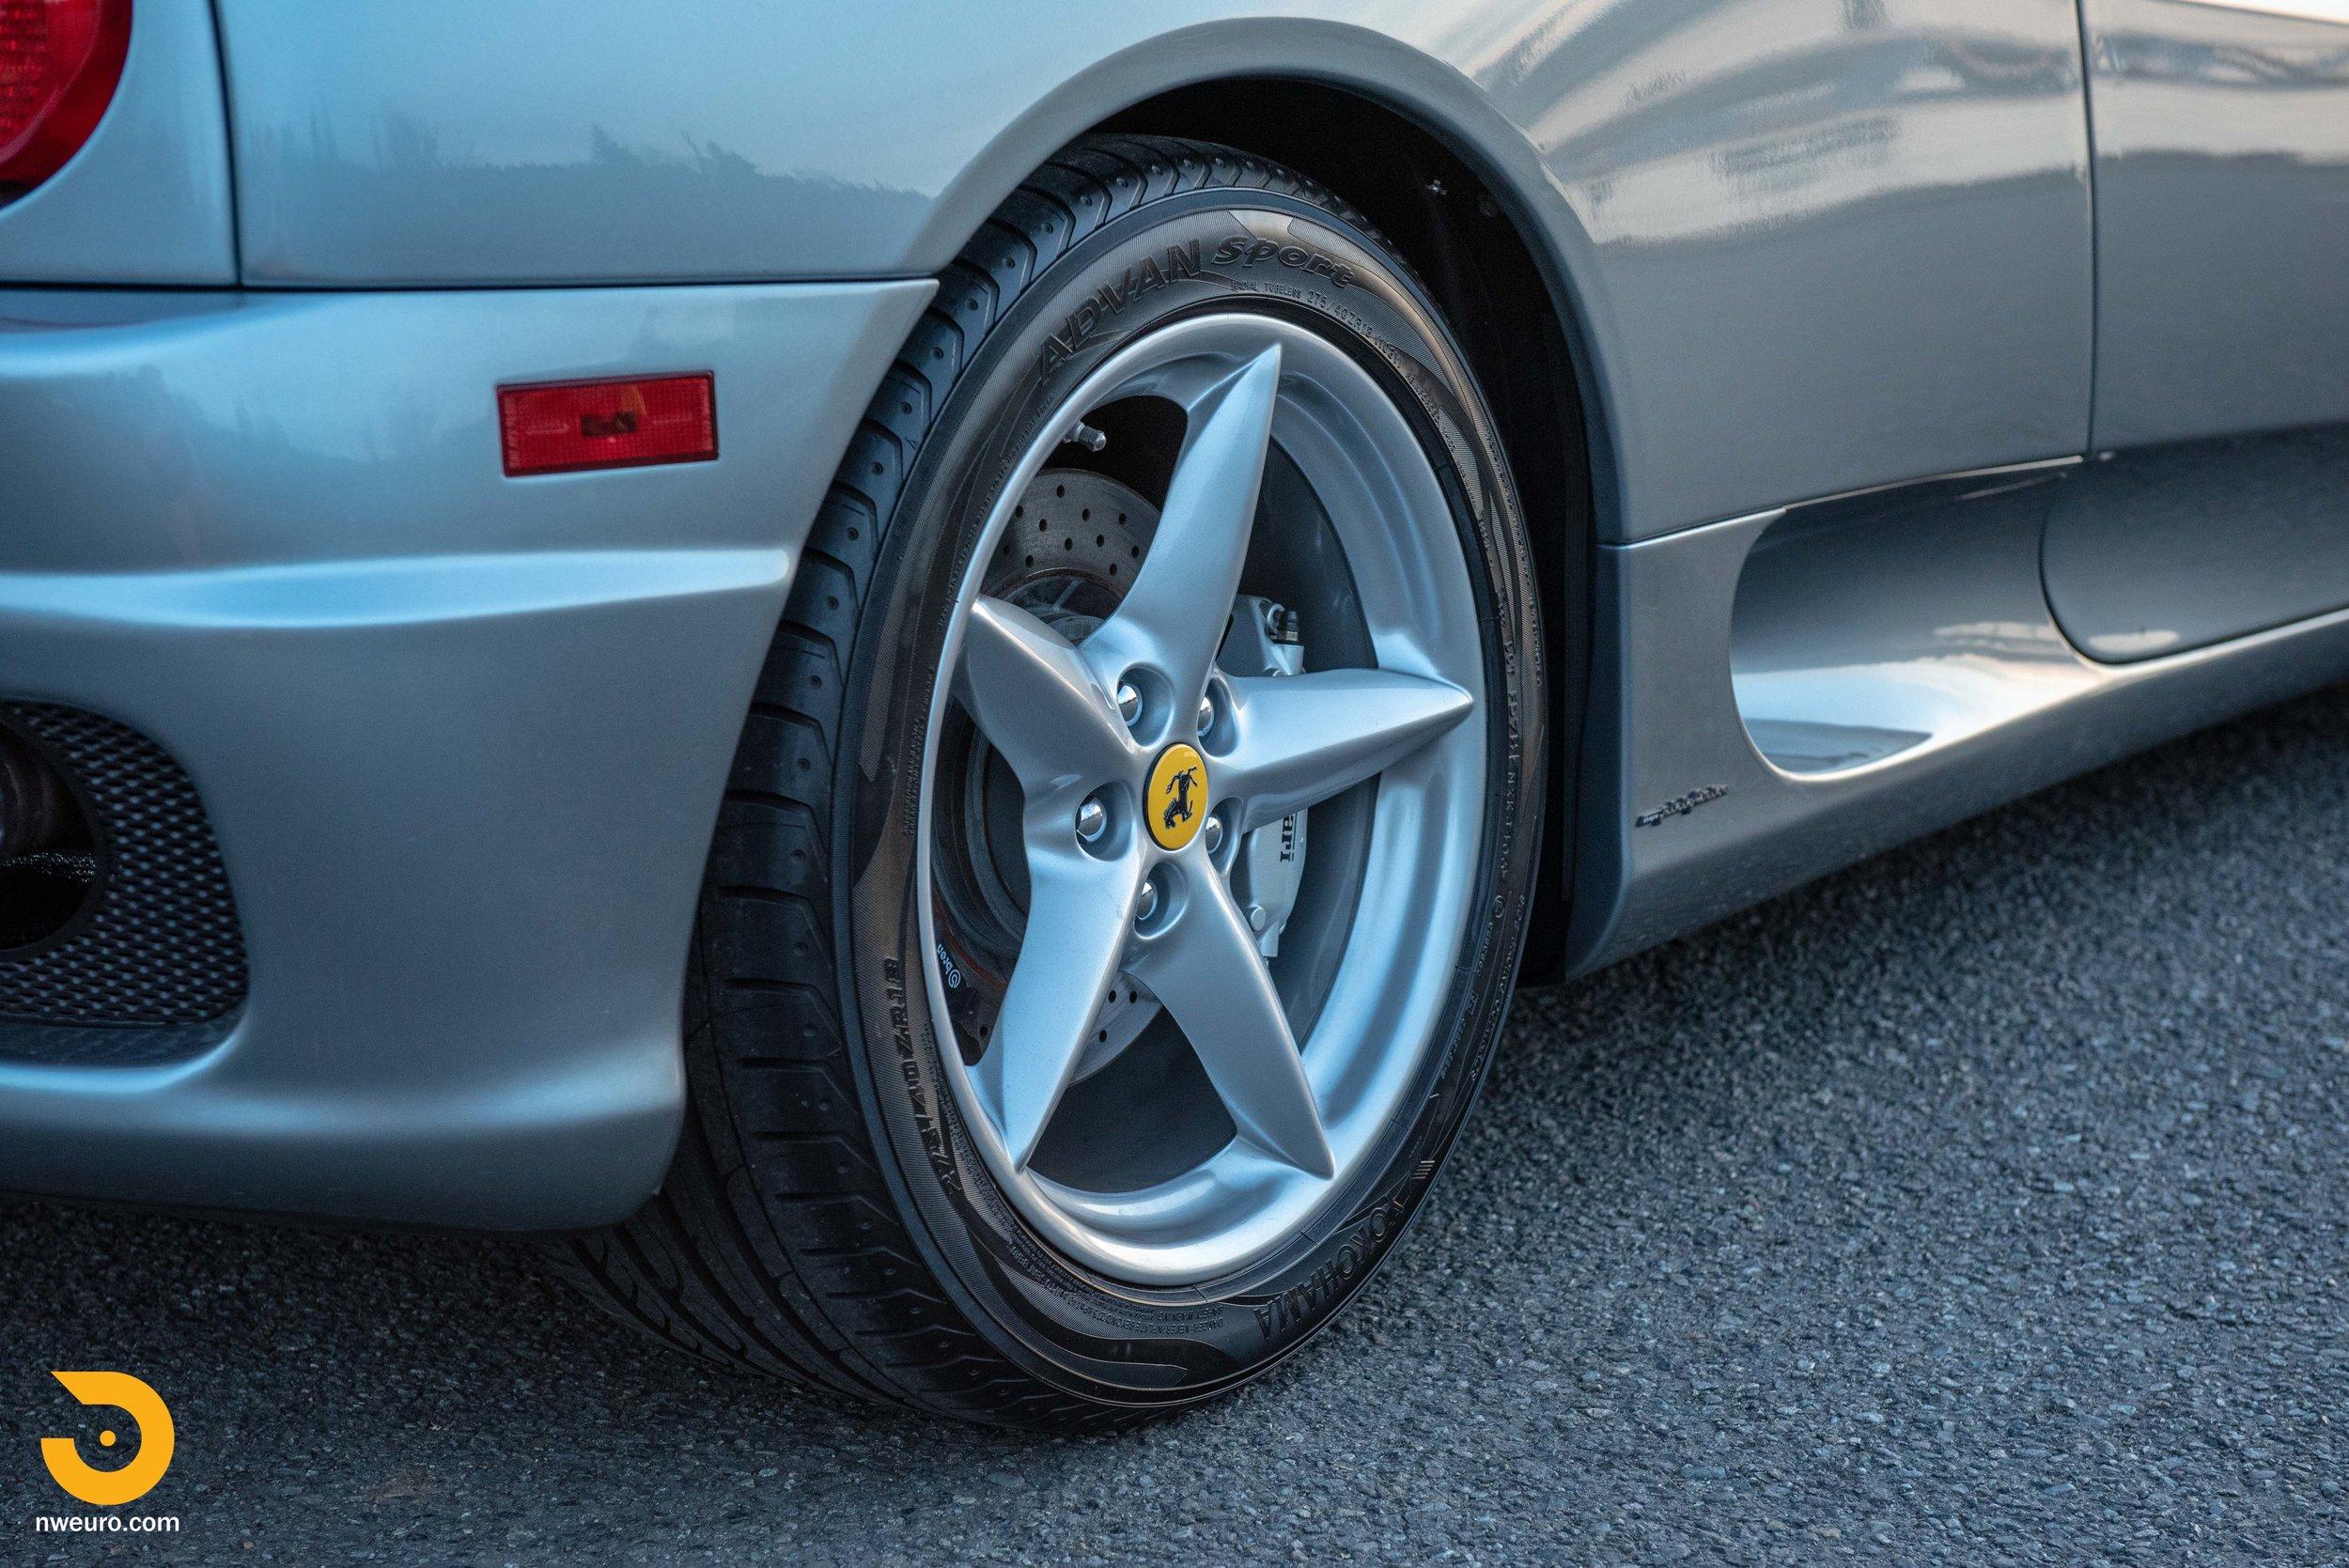 2001 Ferrari 360 Spider-109.jpg